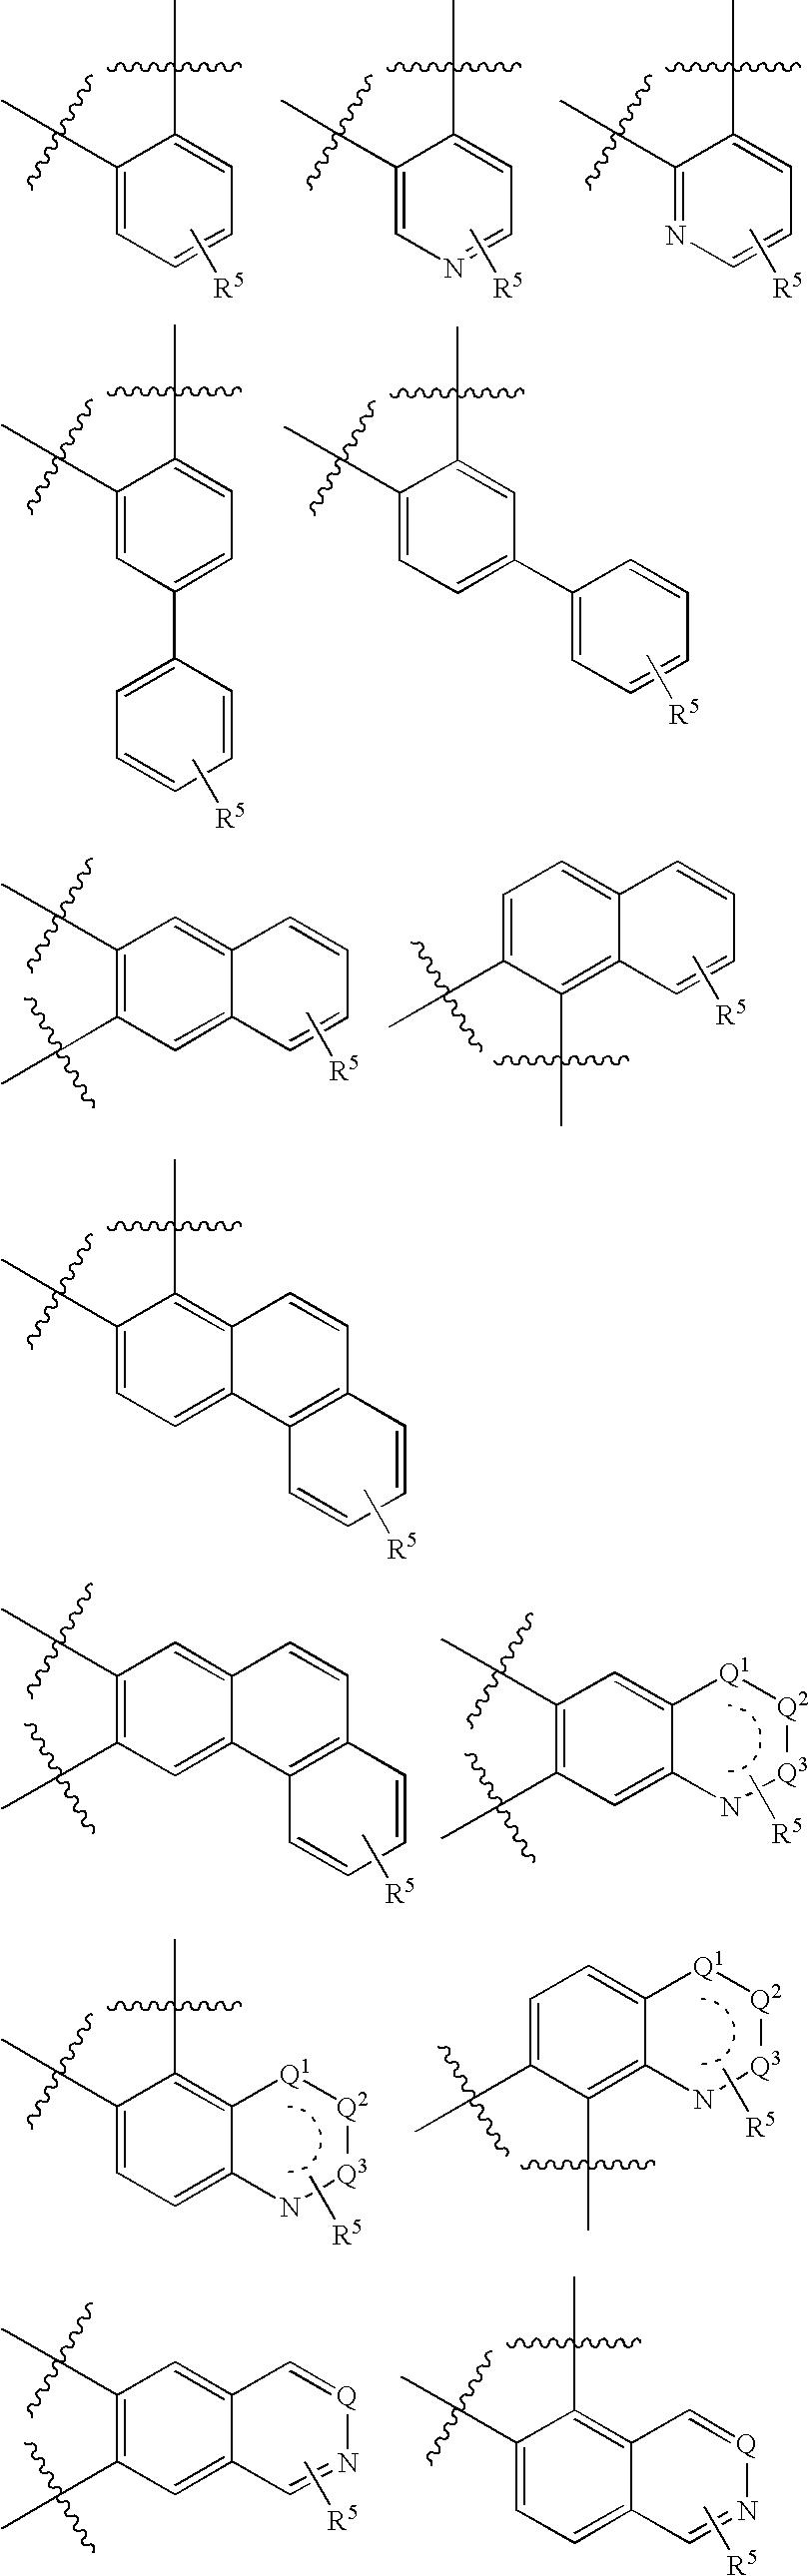 Figure US07326702-20080205-C00003